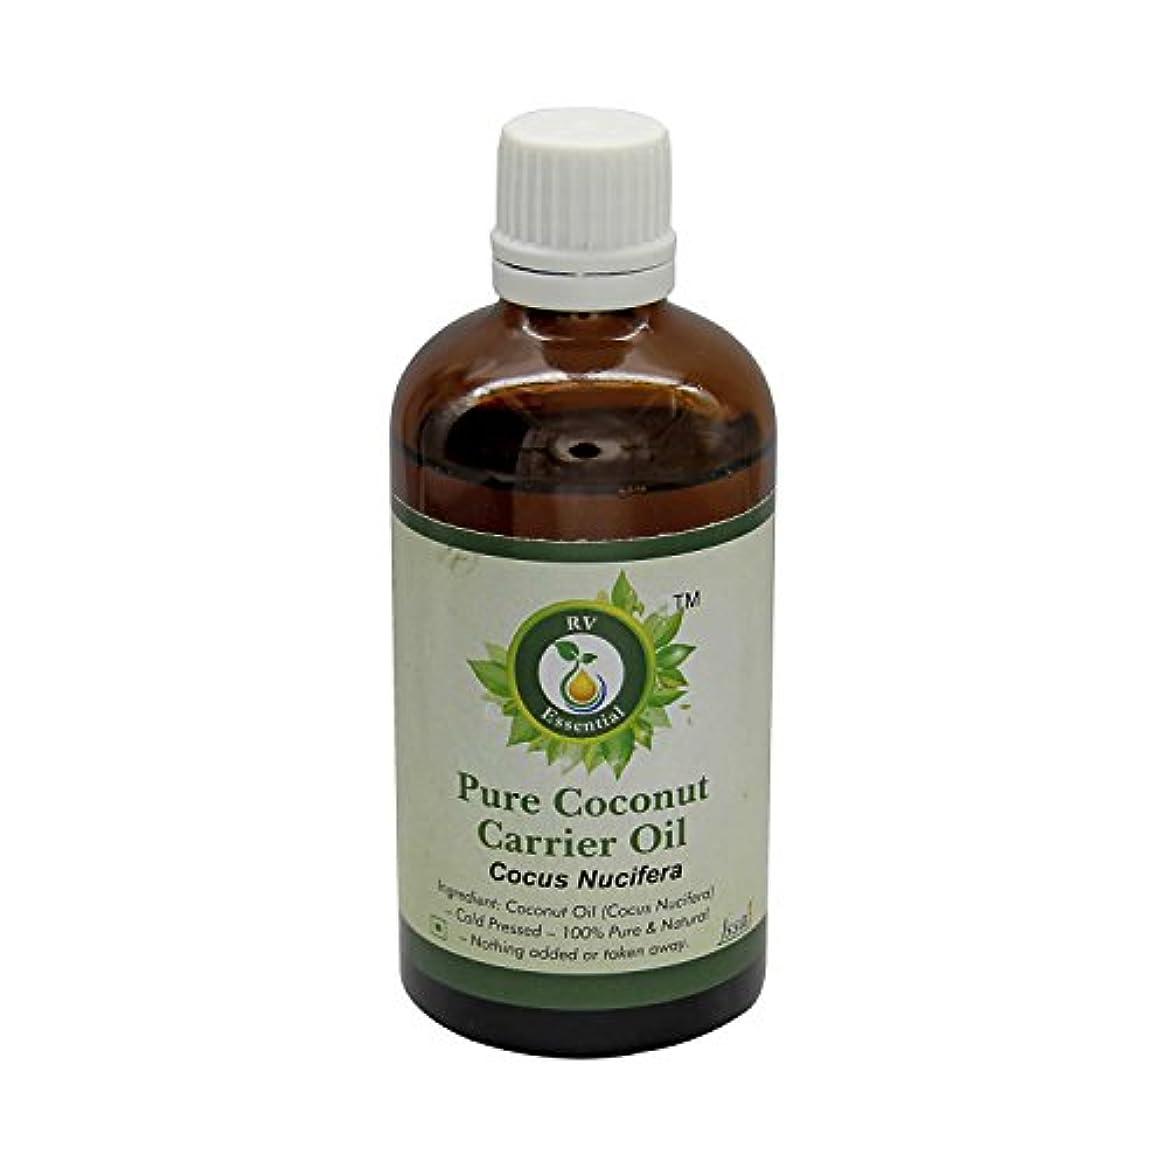 敬微妙自分を引き上げるR V Essential 純粋なココナッツキャリアオイル15ml (0.507oz)- Cocus Nucifera (100%ピュア&ナチュラルコールドPressed) Pure Coconut Carrier Oil